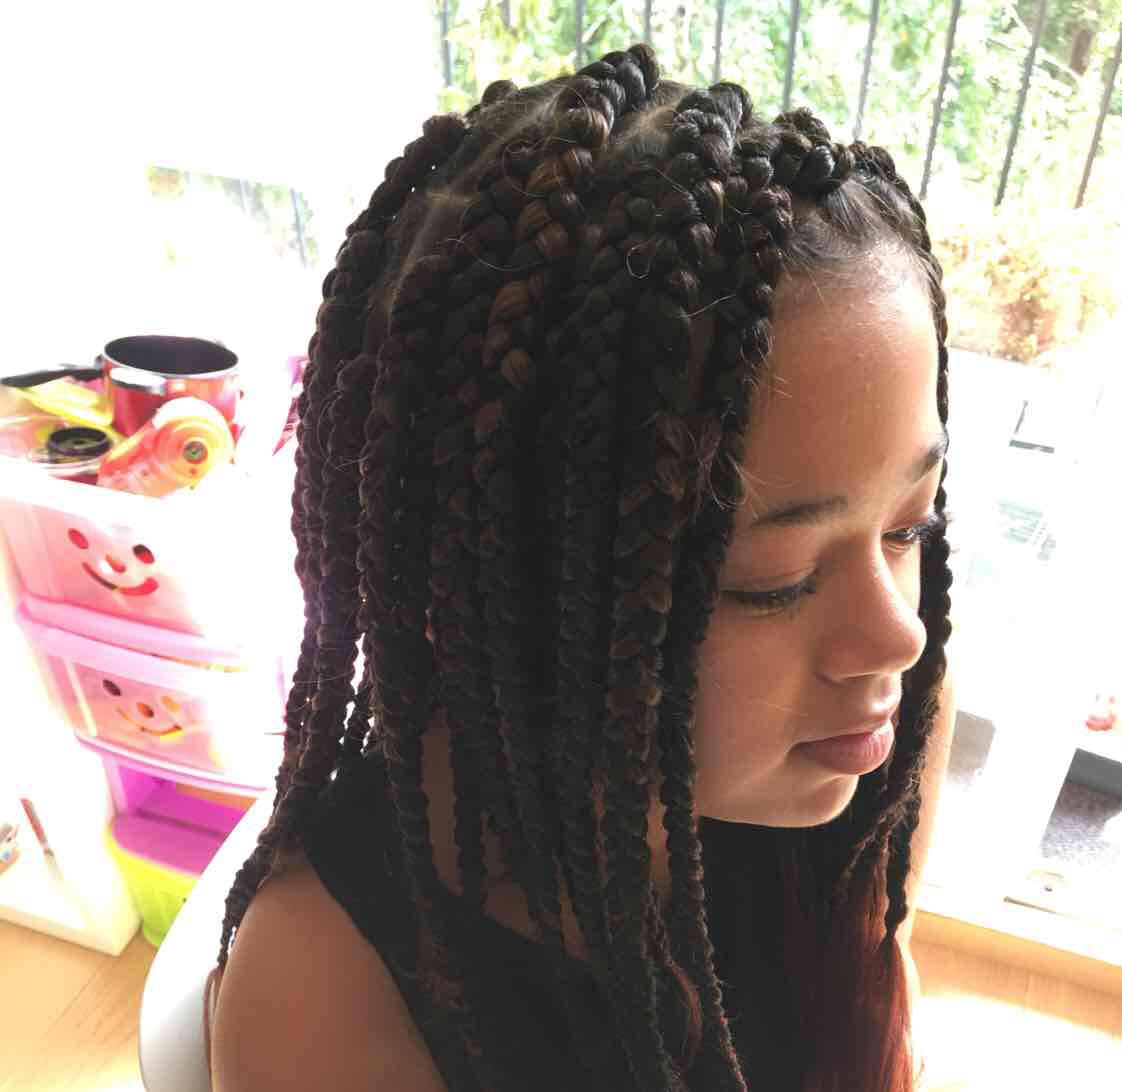 salon de coiffure afro tresse tresses box braids crochet braids vanilles tissages paris 75 77 78 91 92 93 94 95 ANGYHALD